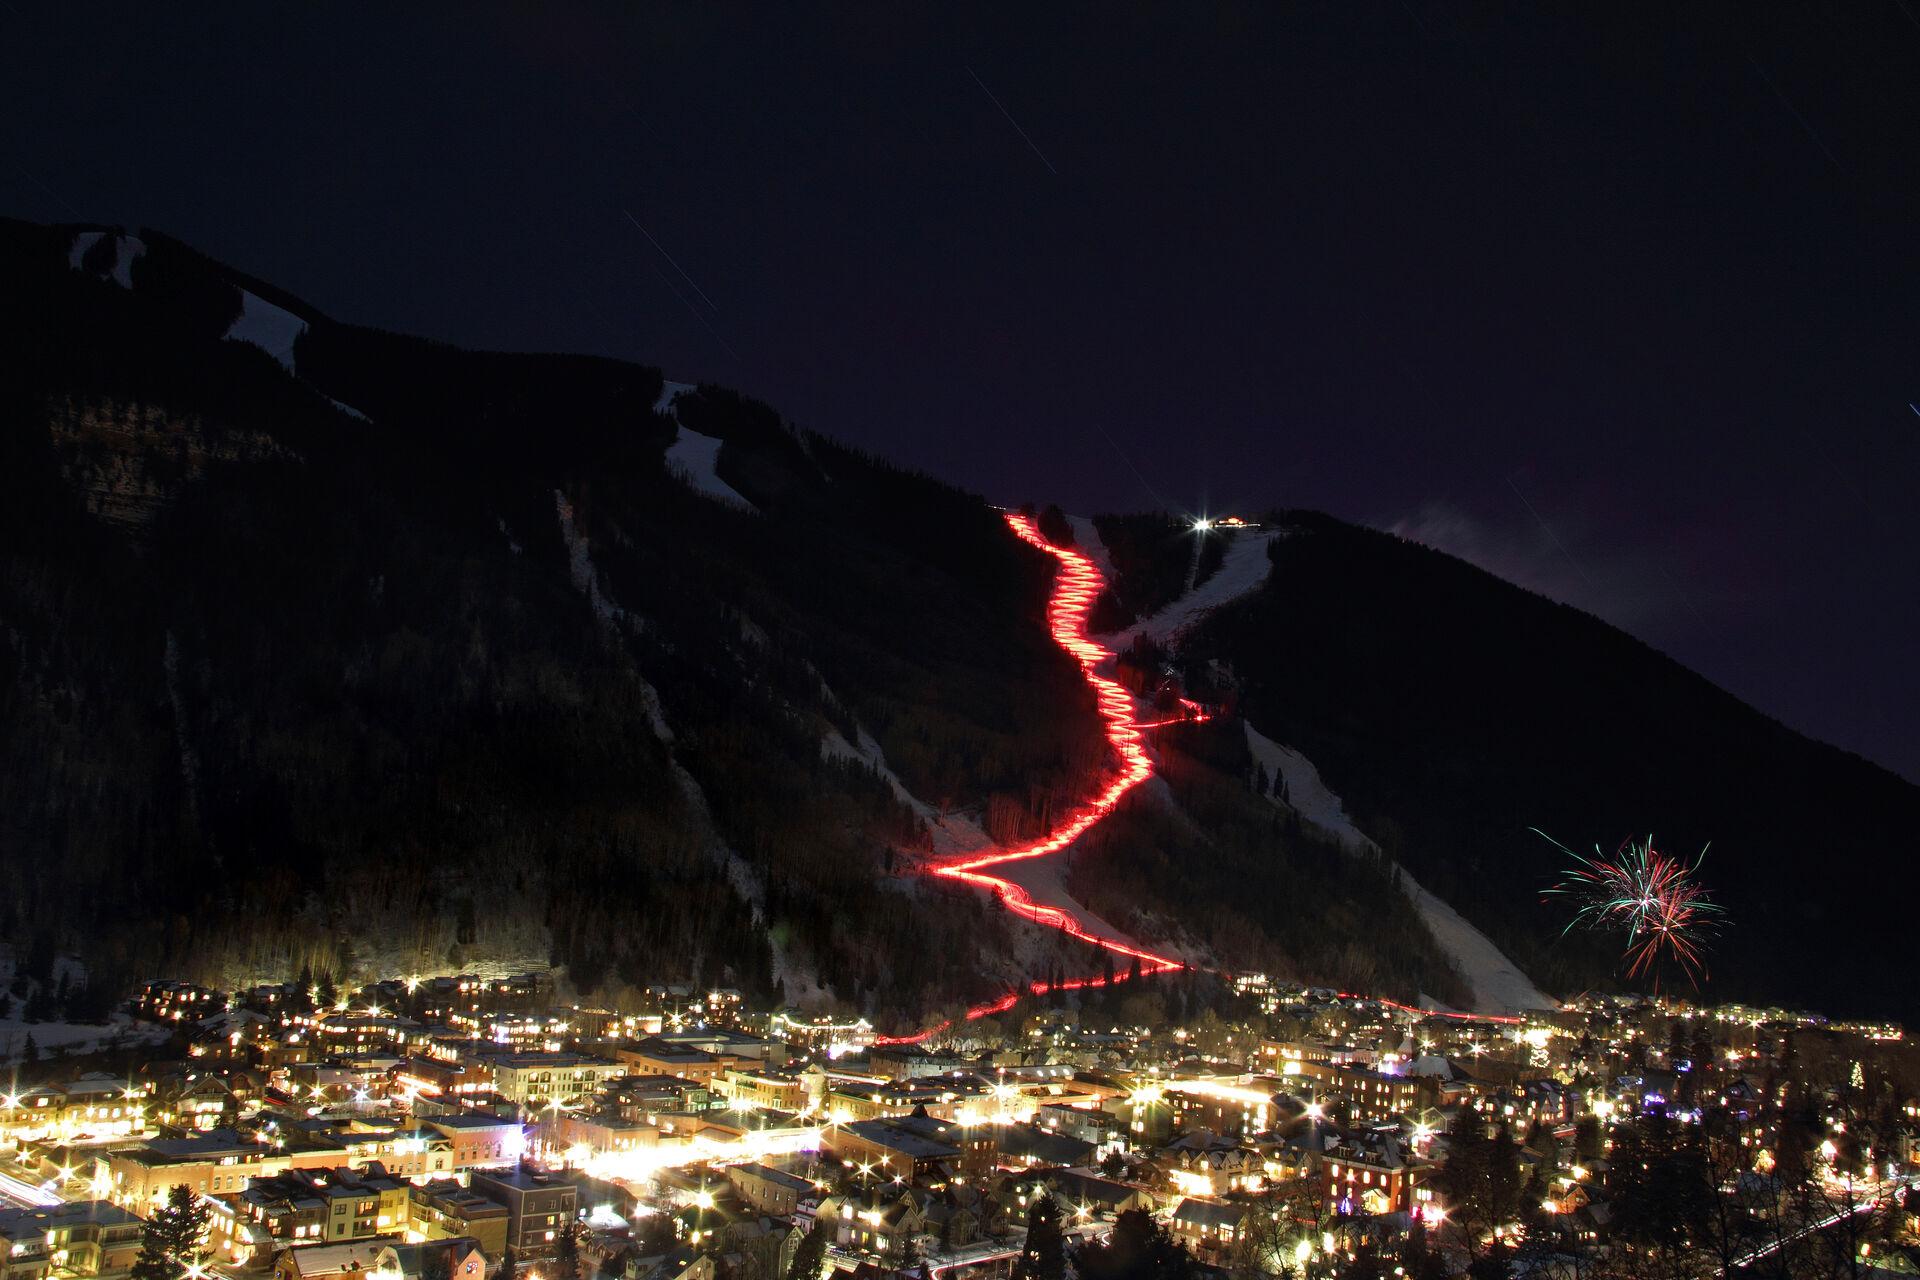 Night time skiing